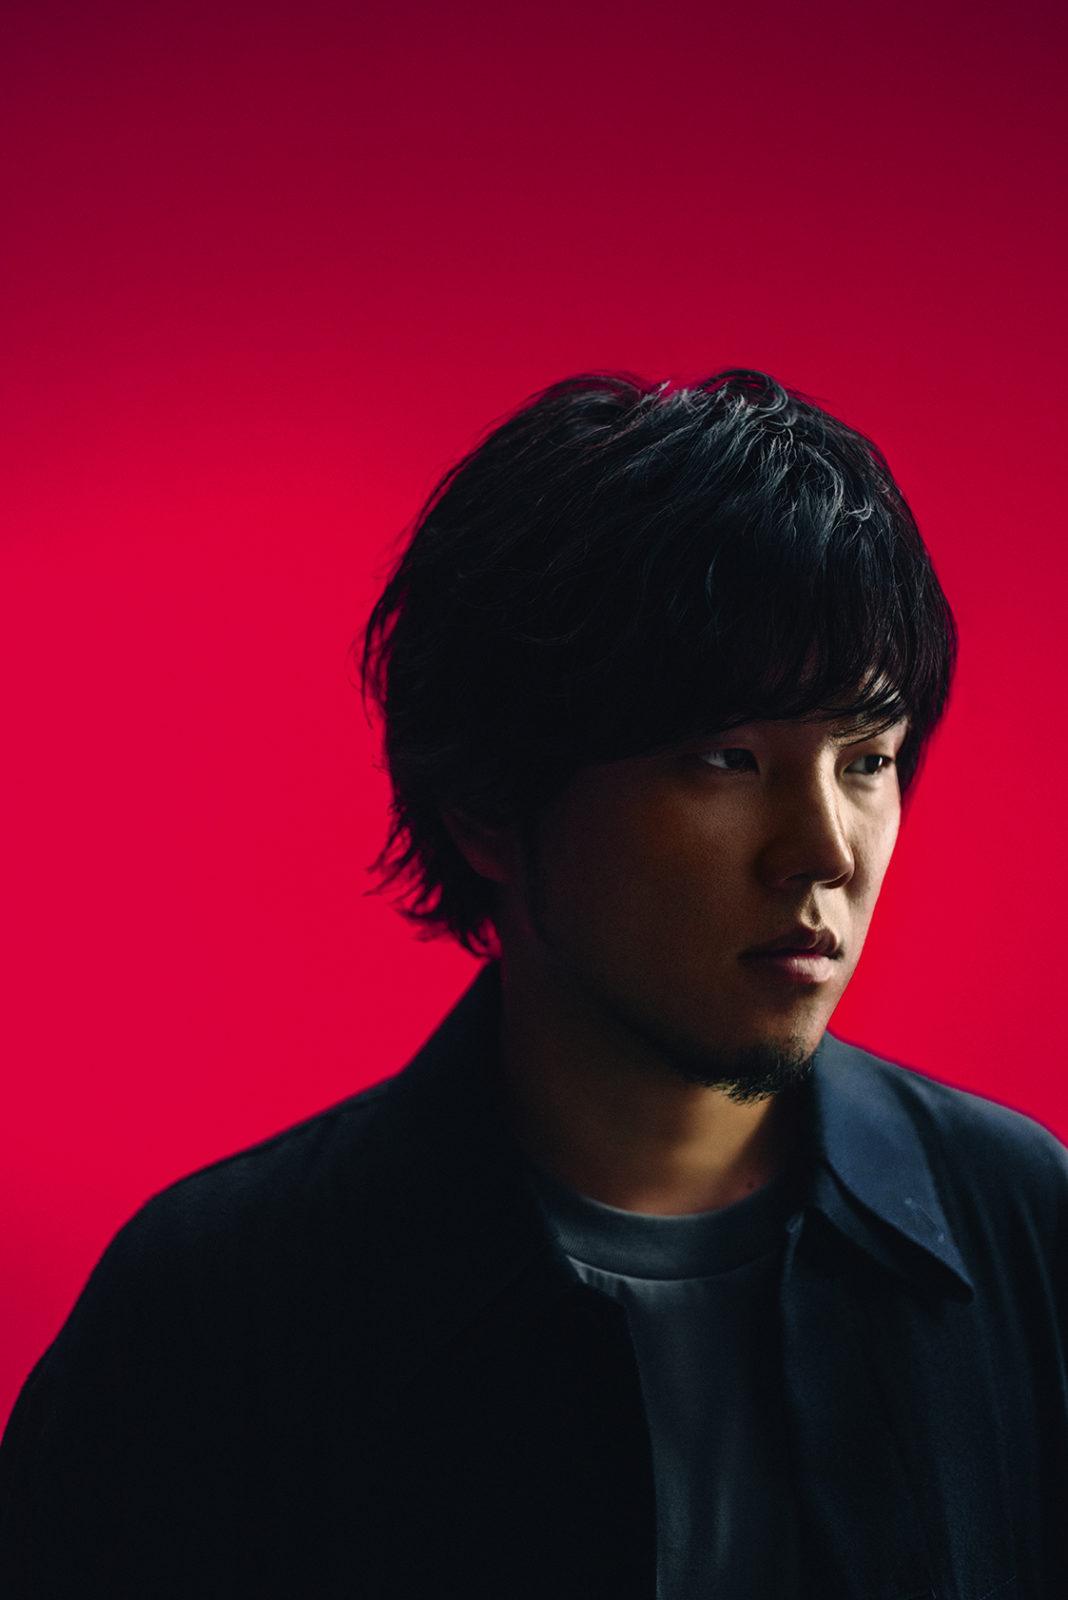 秦 基博、ファン待望のニューシングル&オリジナルアルバム発売を発表サムネイル画像